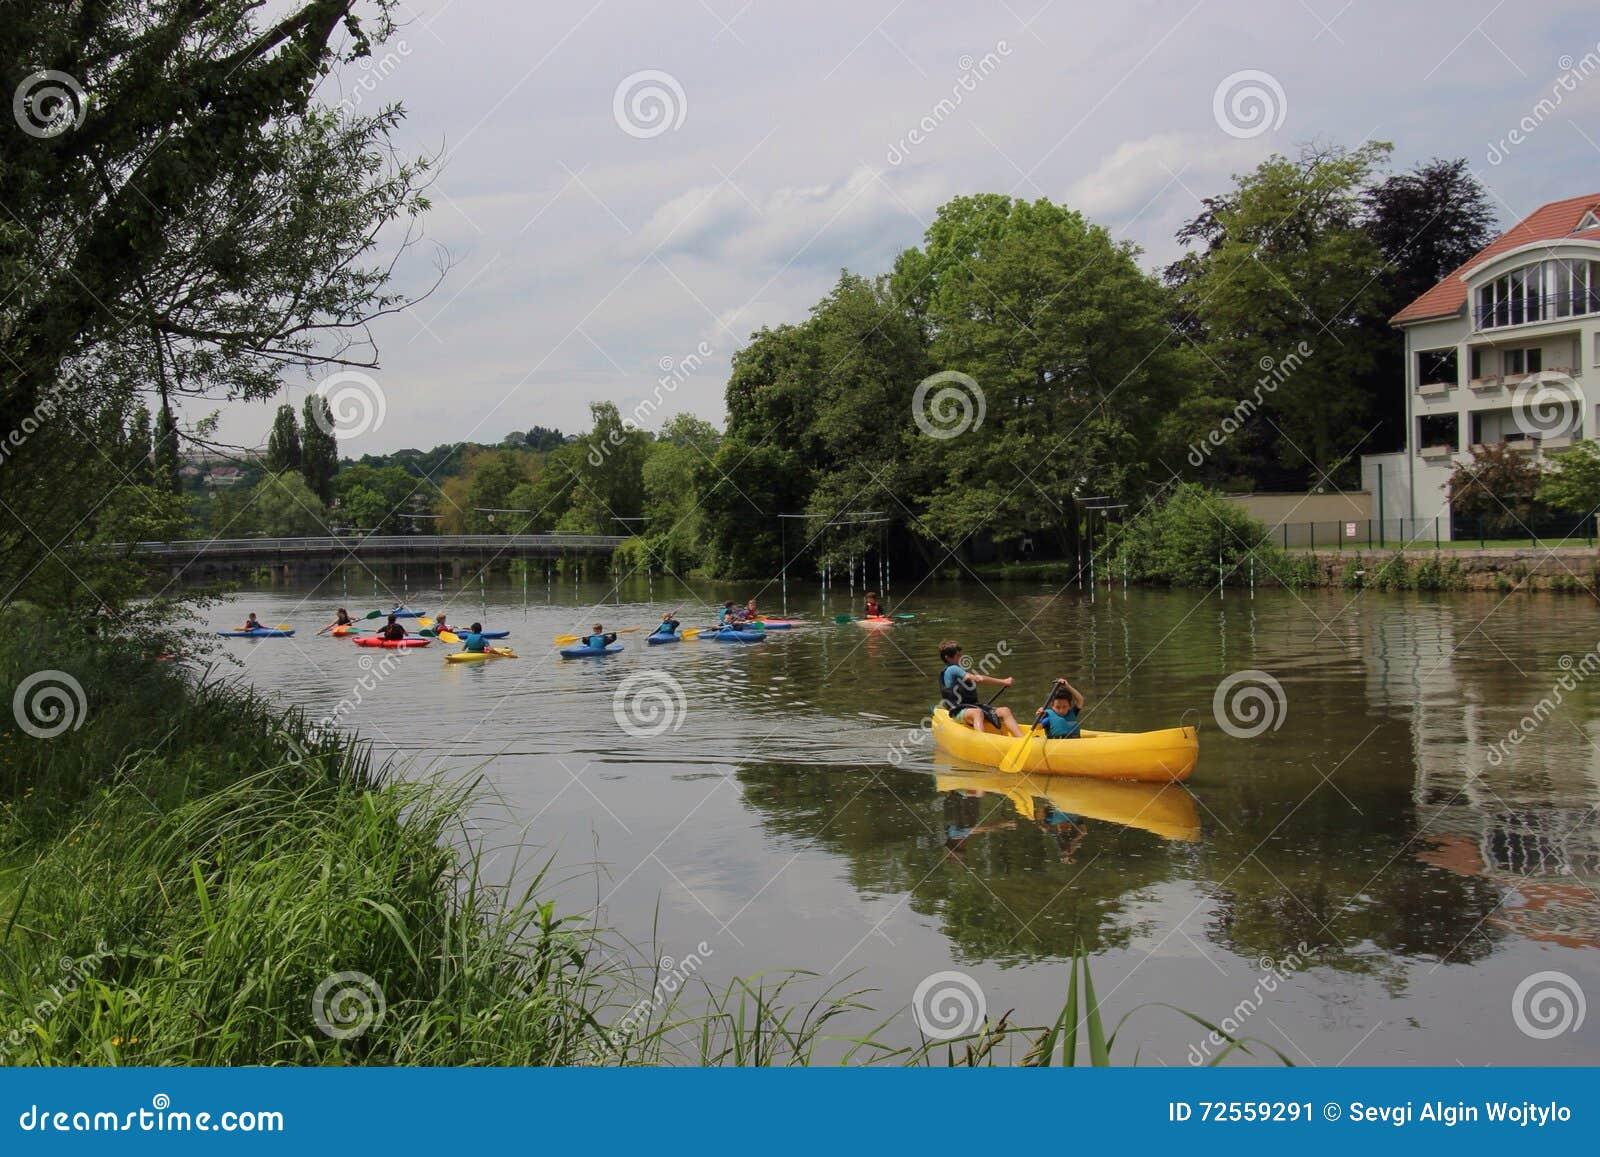 Outdoor water sport